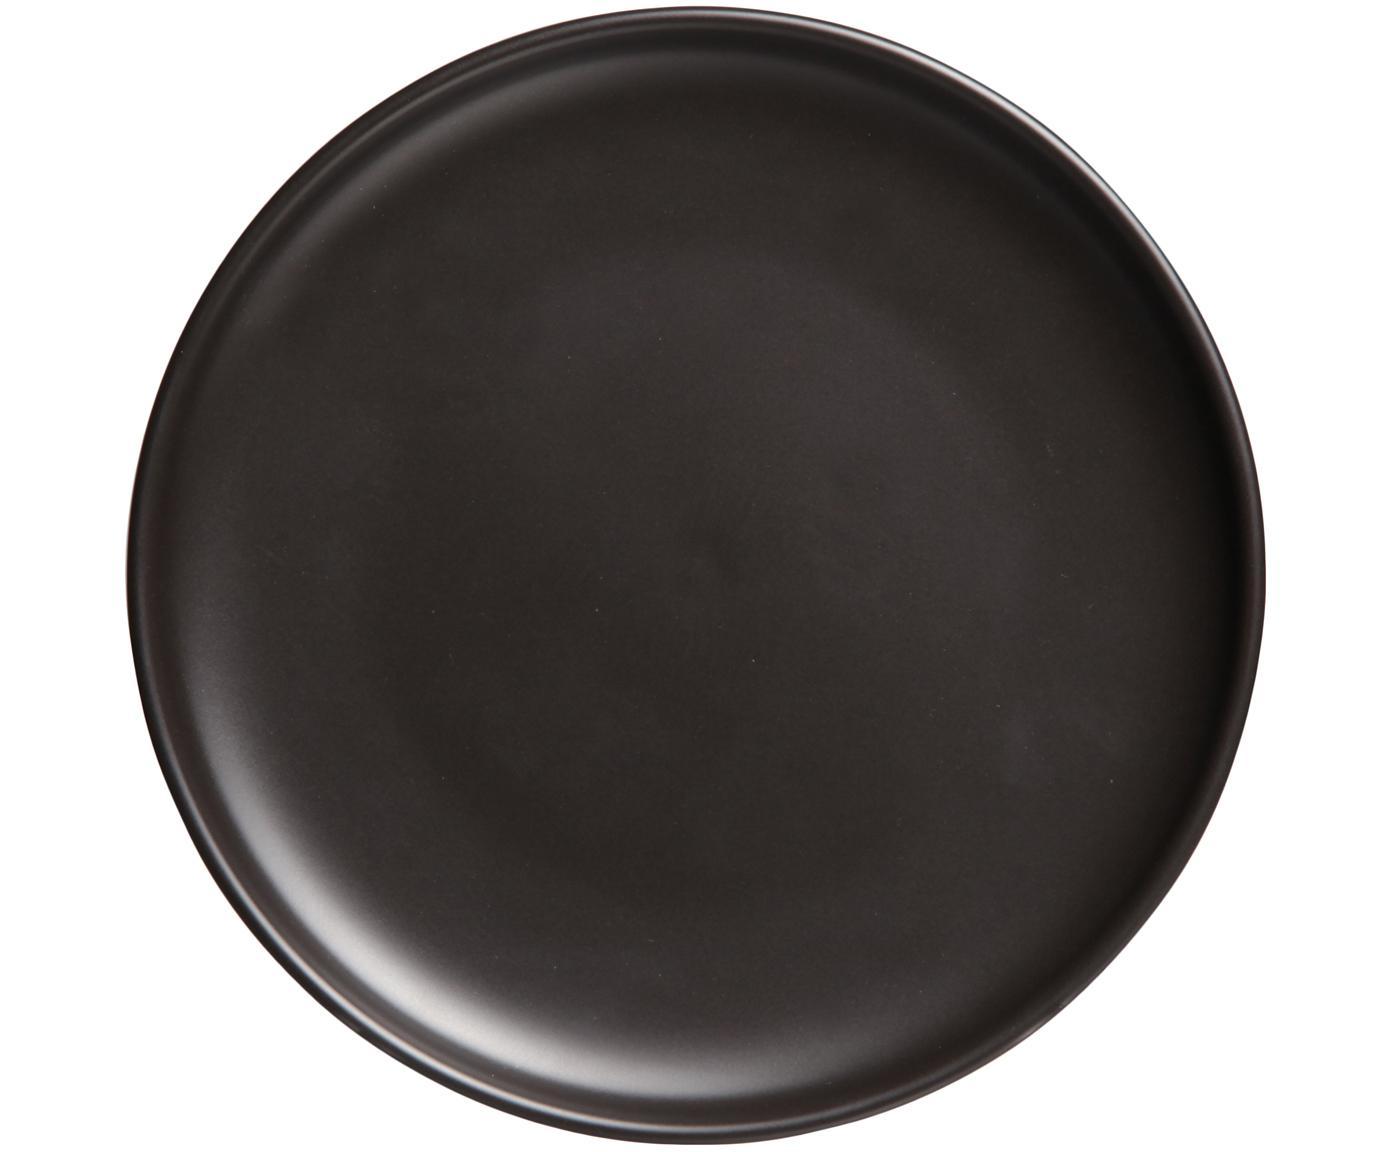 Piatto da colazione Okinawa 6 pz, Ceramica, Nero opaco, Ø 20 cm